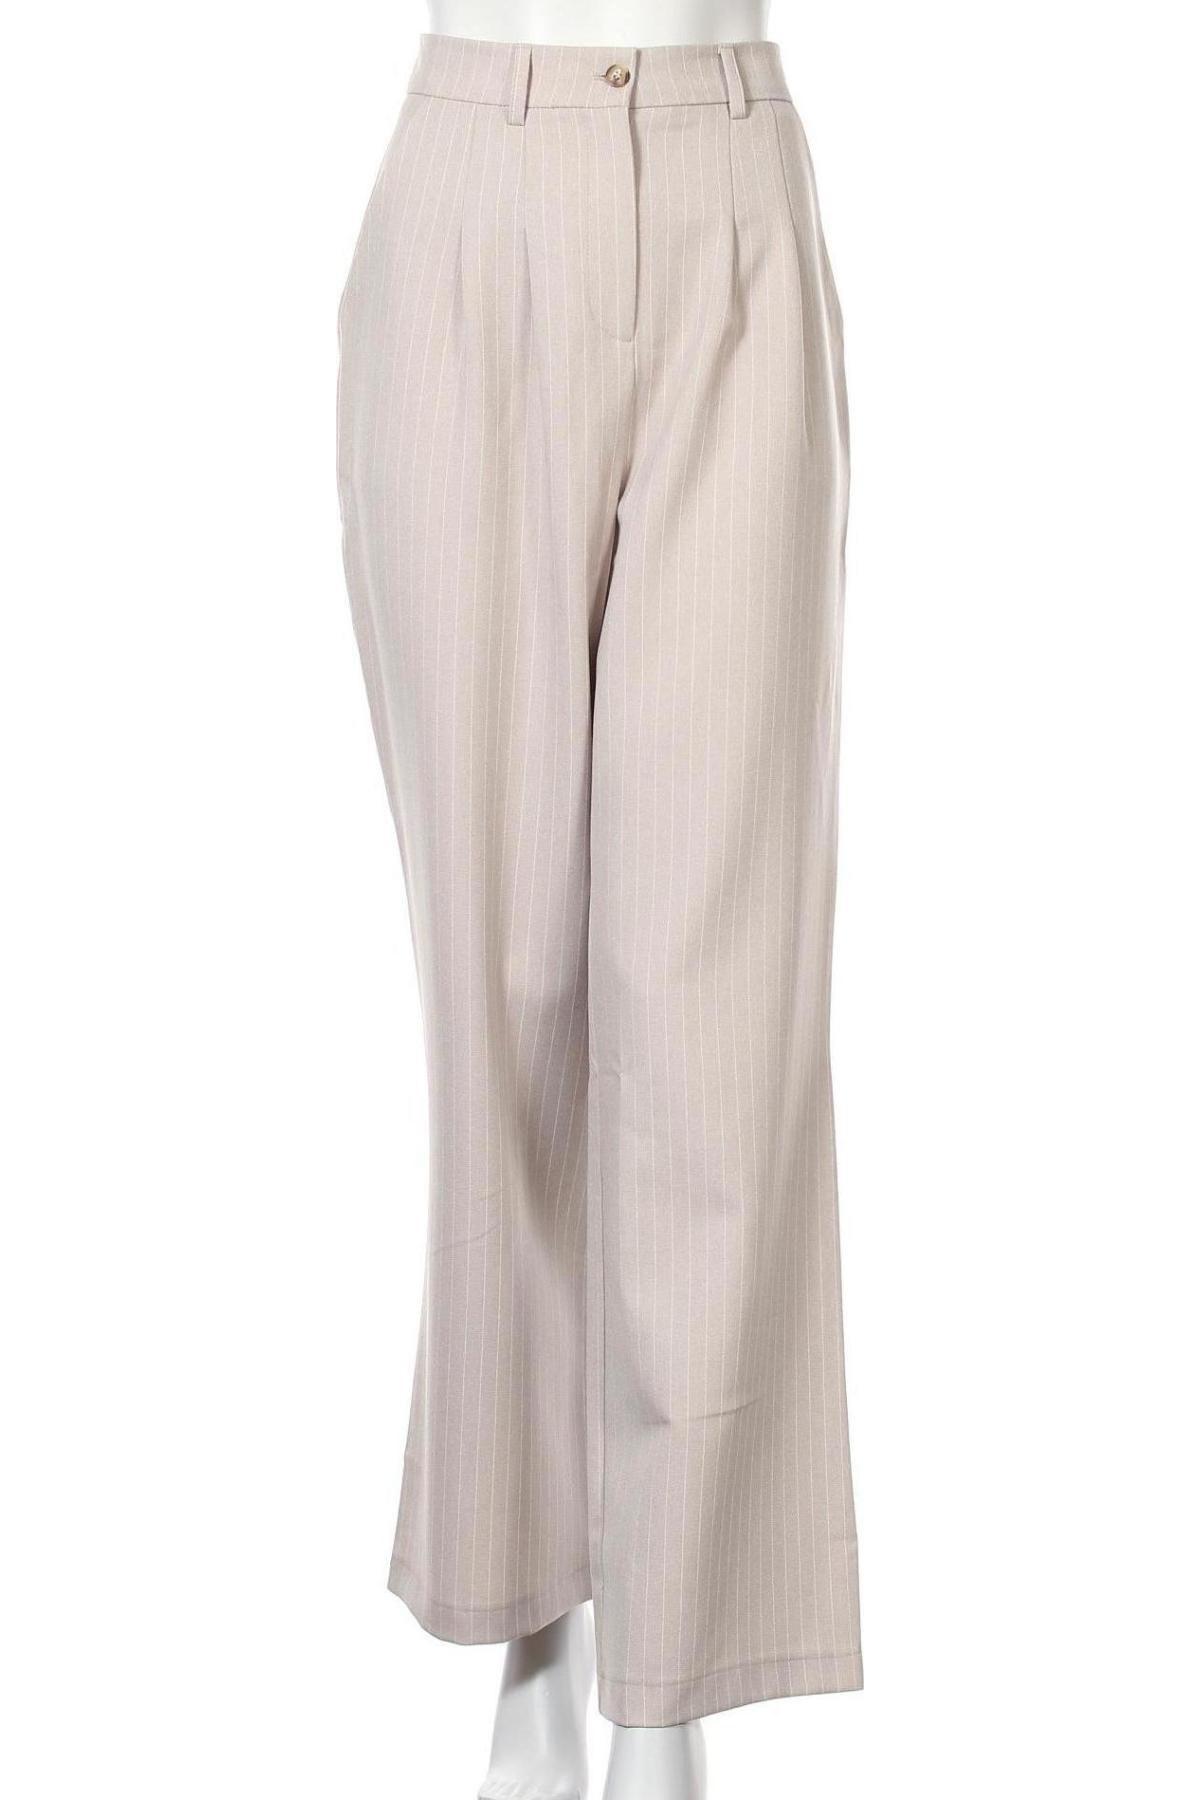 Дамски панталон Urban Outfitters, Размер M, Цвят Сив, 97% полиестер, 3% вискоза, Цена 18,29лв.